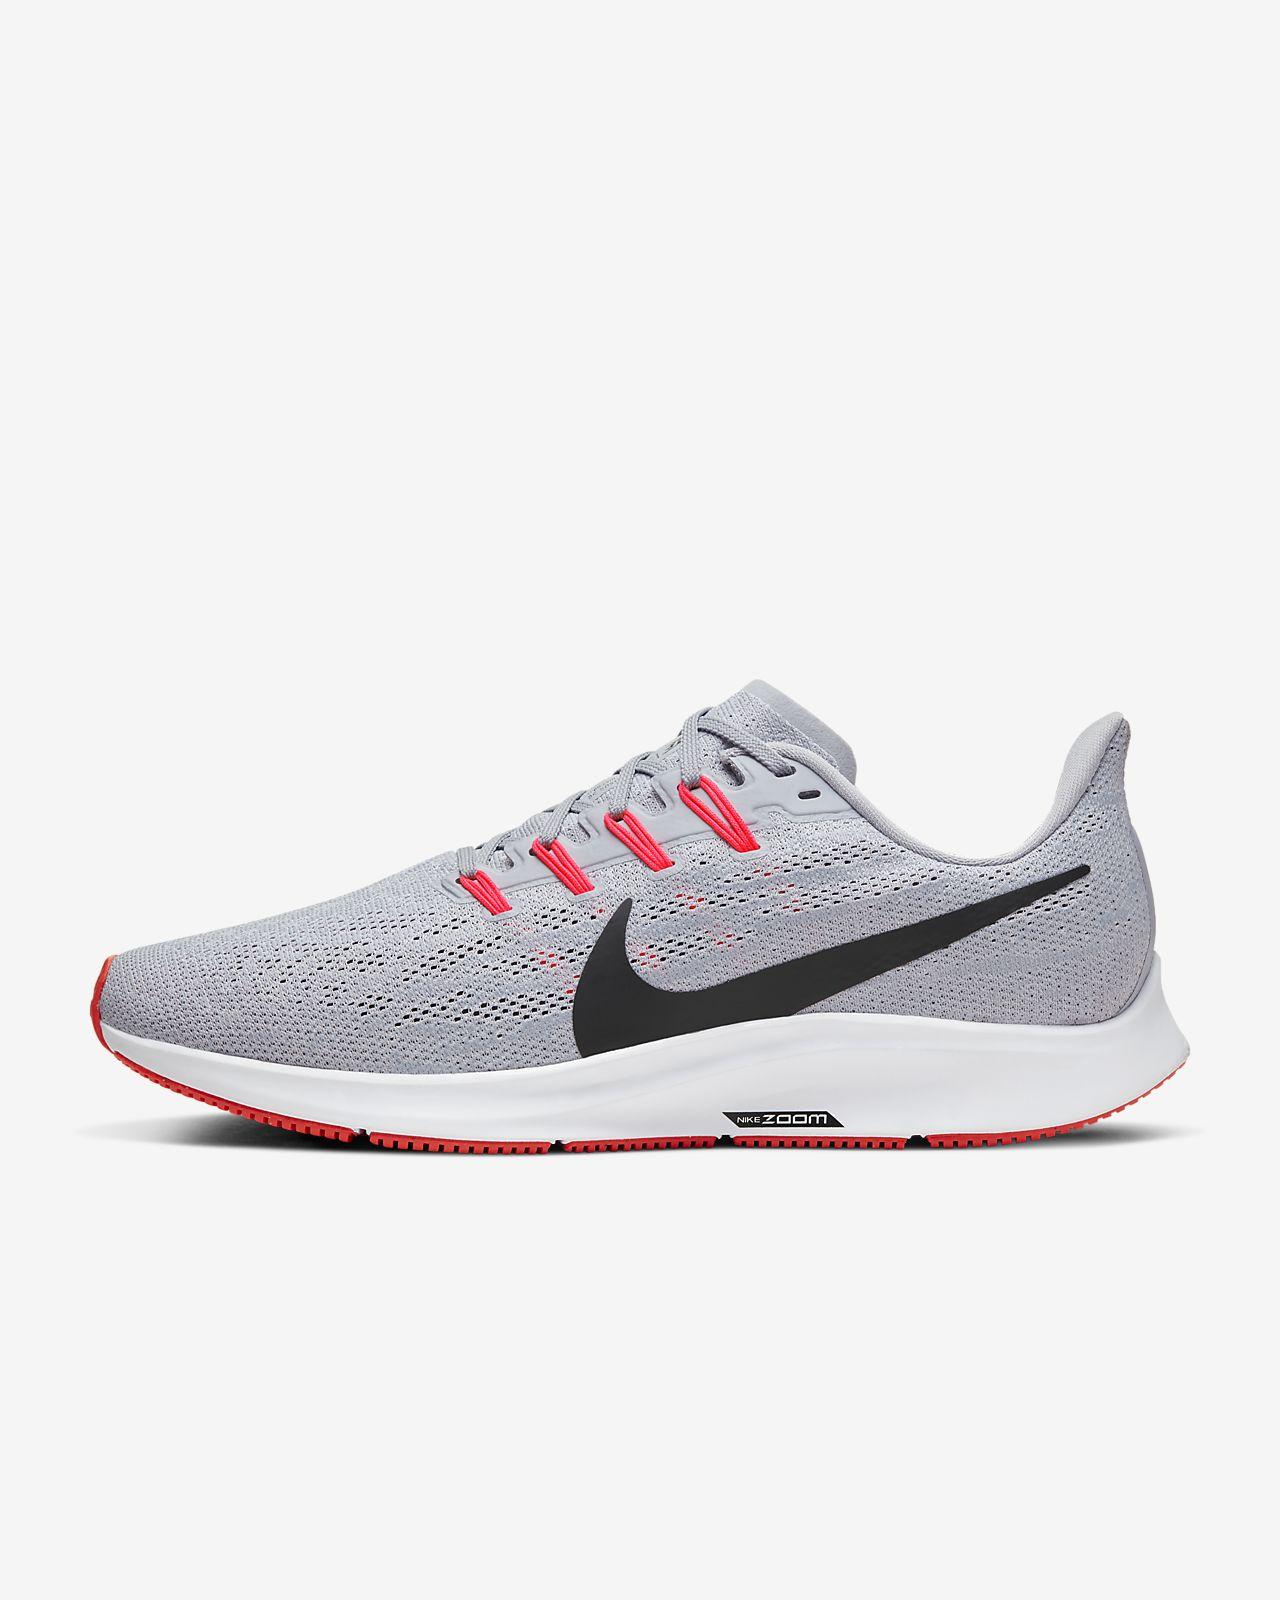 Stort Salg 2018 Nike Air Max 90 Herre Hvit Gul Nike Barn